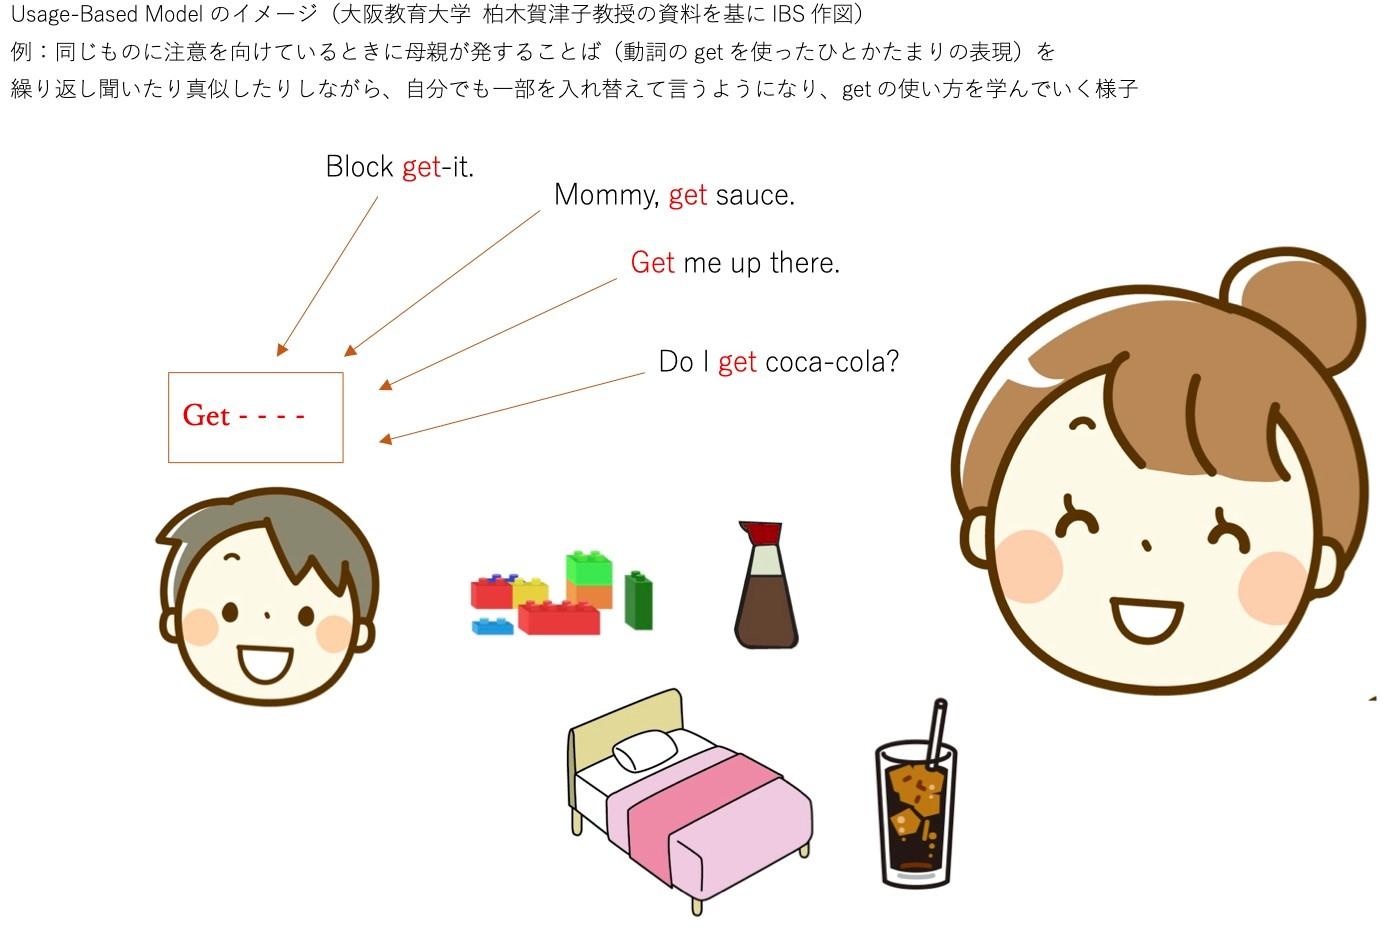 UBMによる英語学習のイメージ